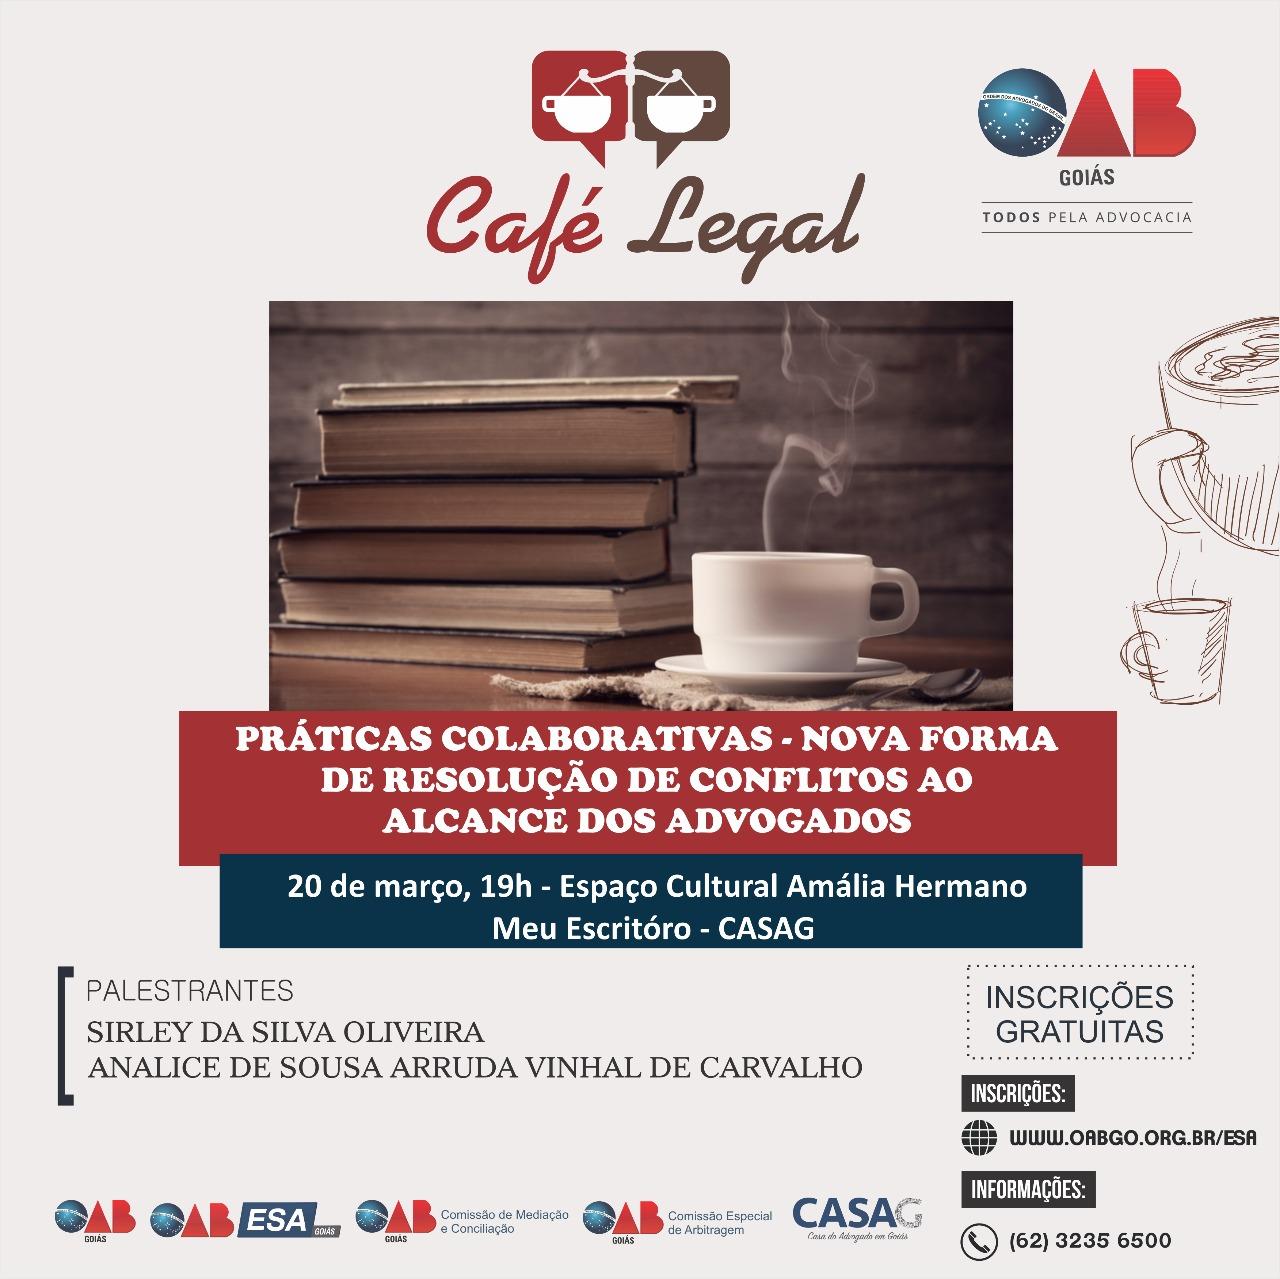 20.03 - Café Legal - Práticas Colaborativas - Nova Forma de Resolução de Conflitos ao Alcance dos Advogados